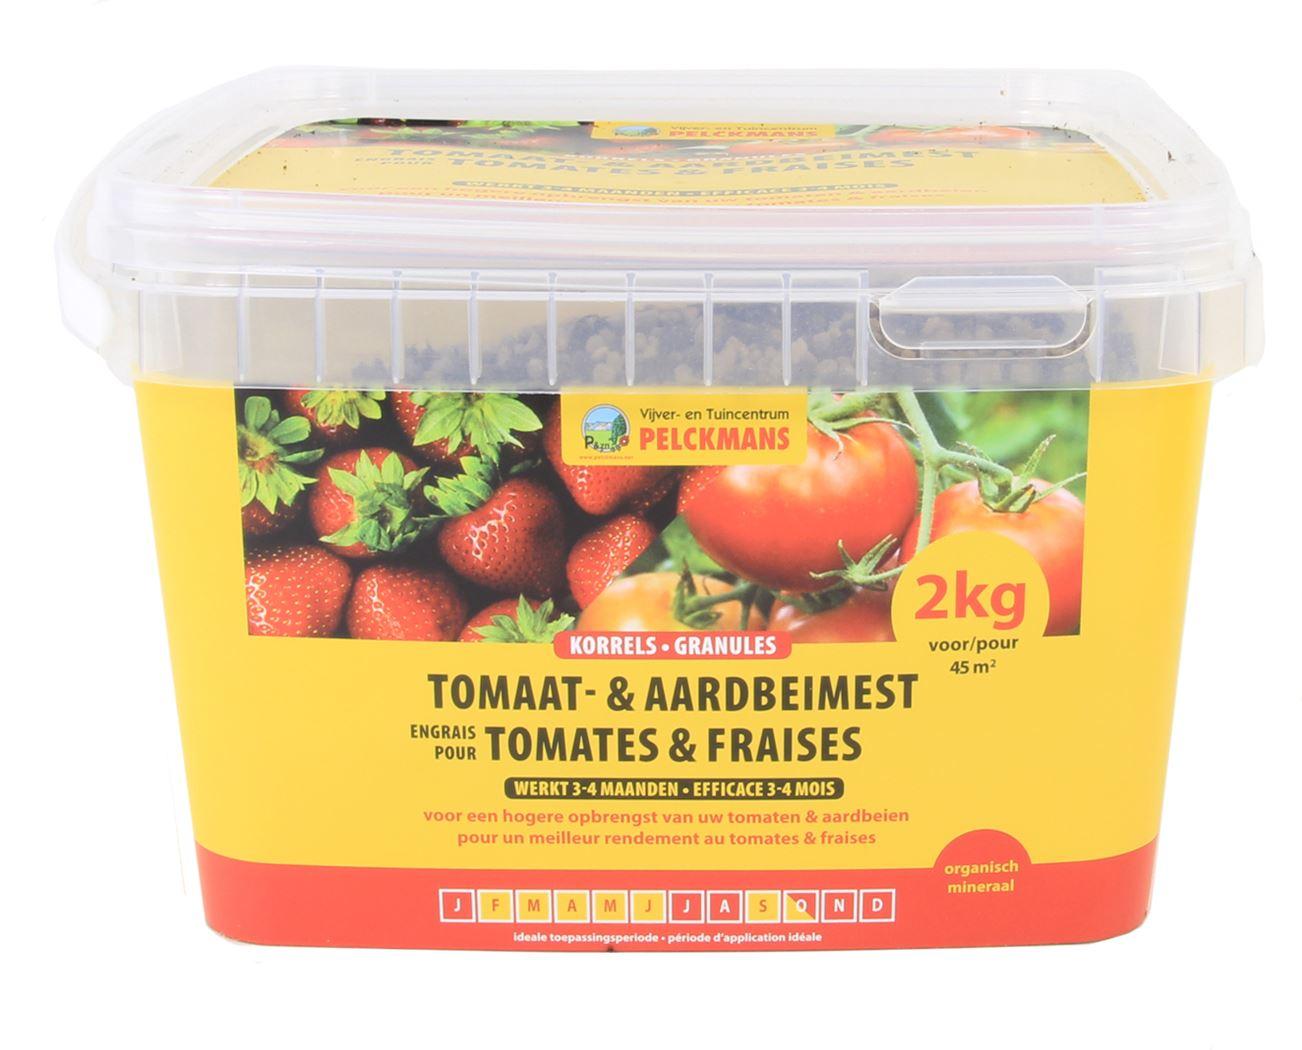 pelckmans meststof voor tomaten en aardbeien